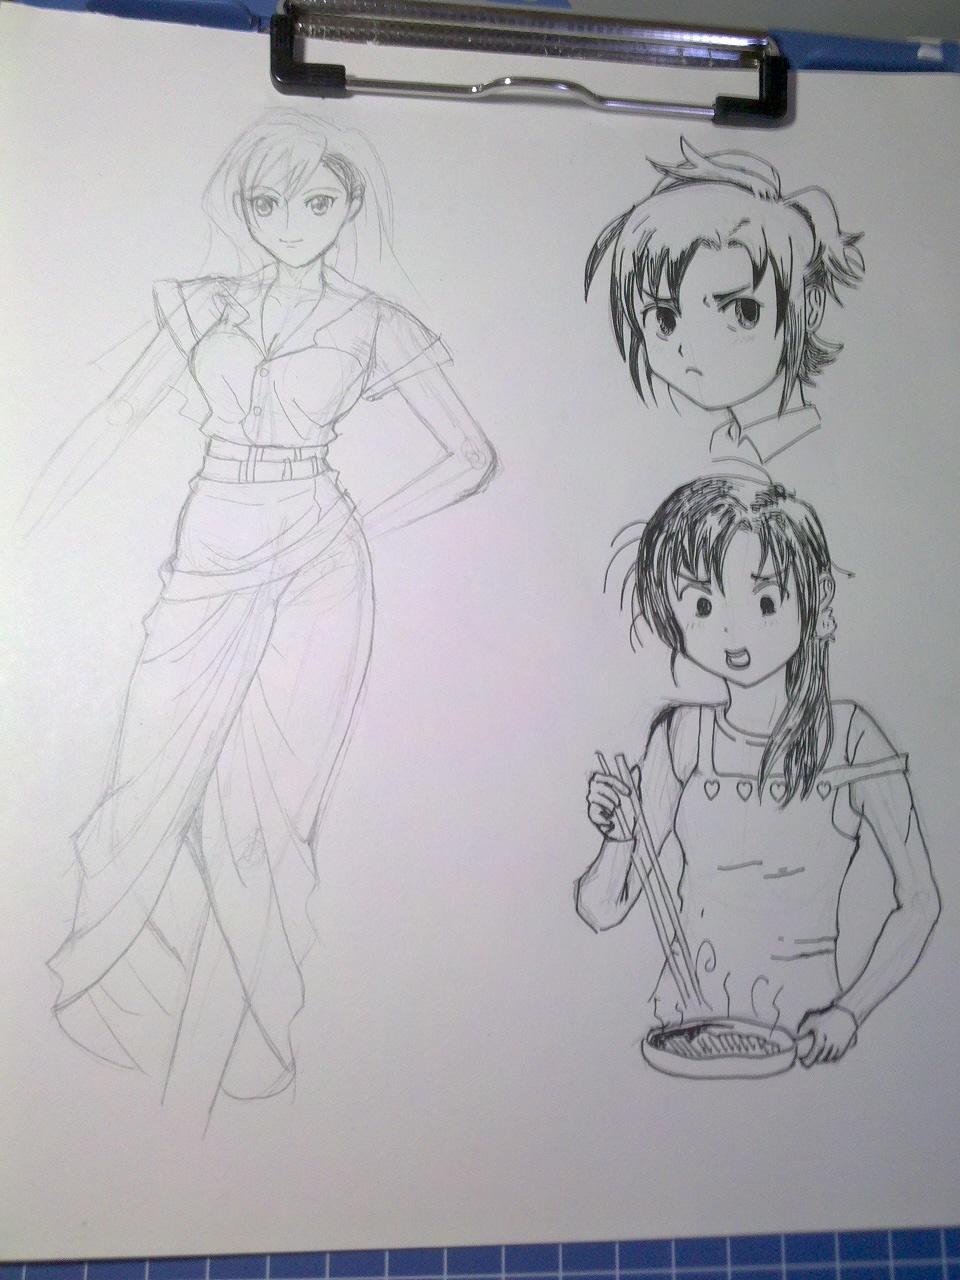 《日本大师讲漫画基础篇》《日本大师讲漫画美少女